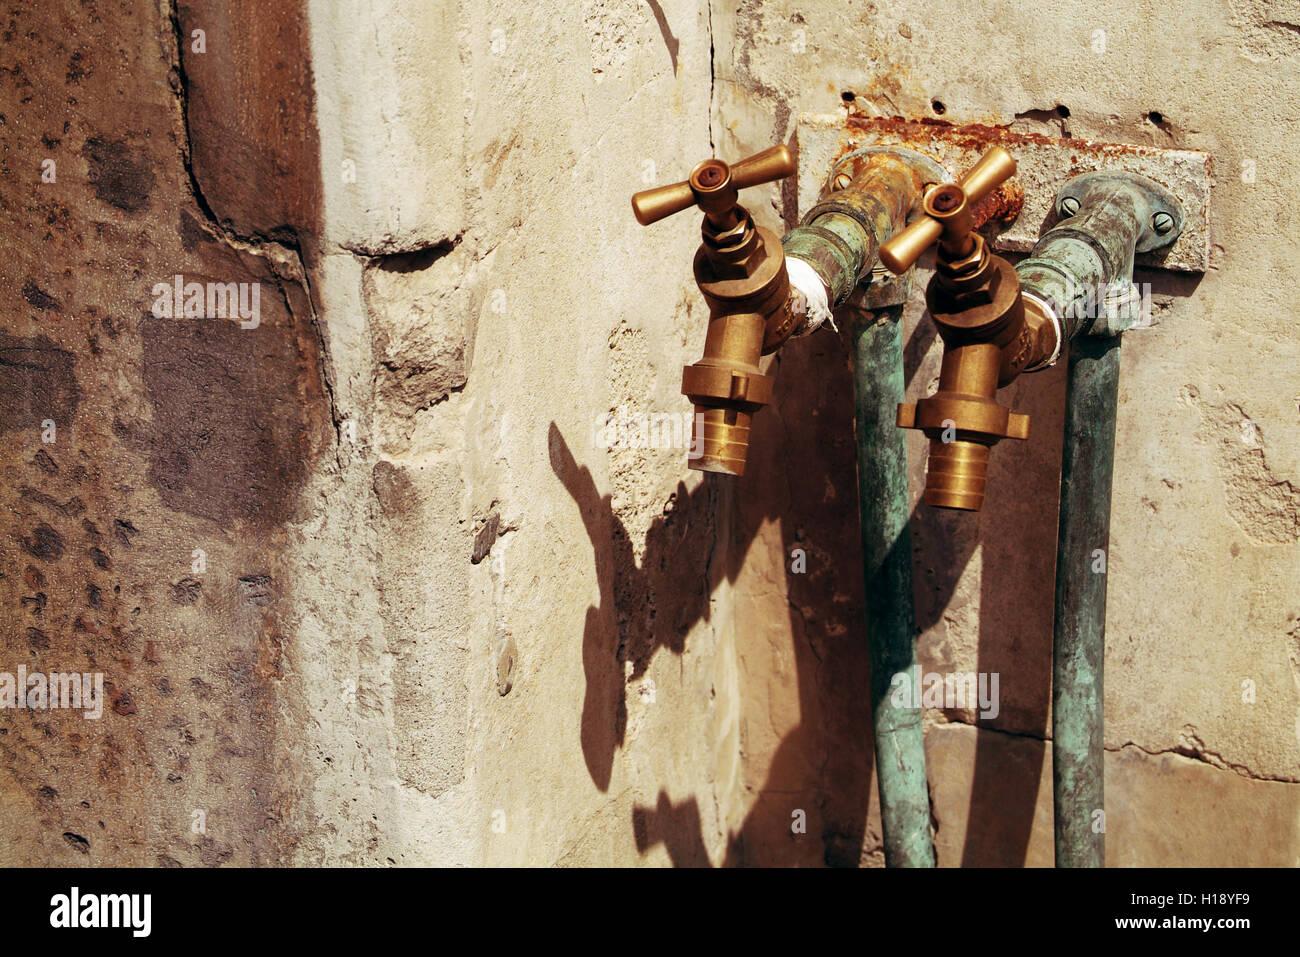 zwei traditionelle rostige Wasserhähne an der gelben Stein Wand befestigt Stockbild